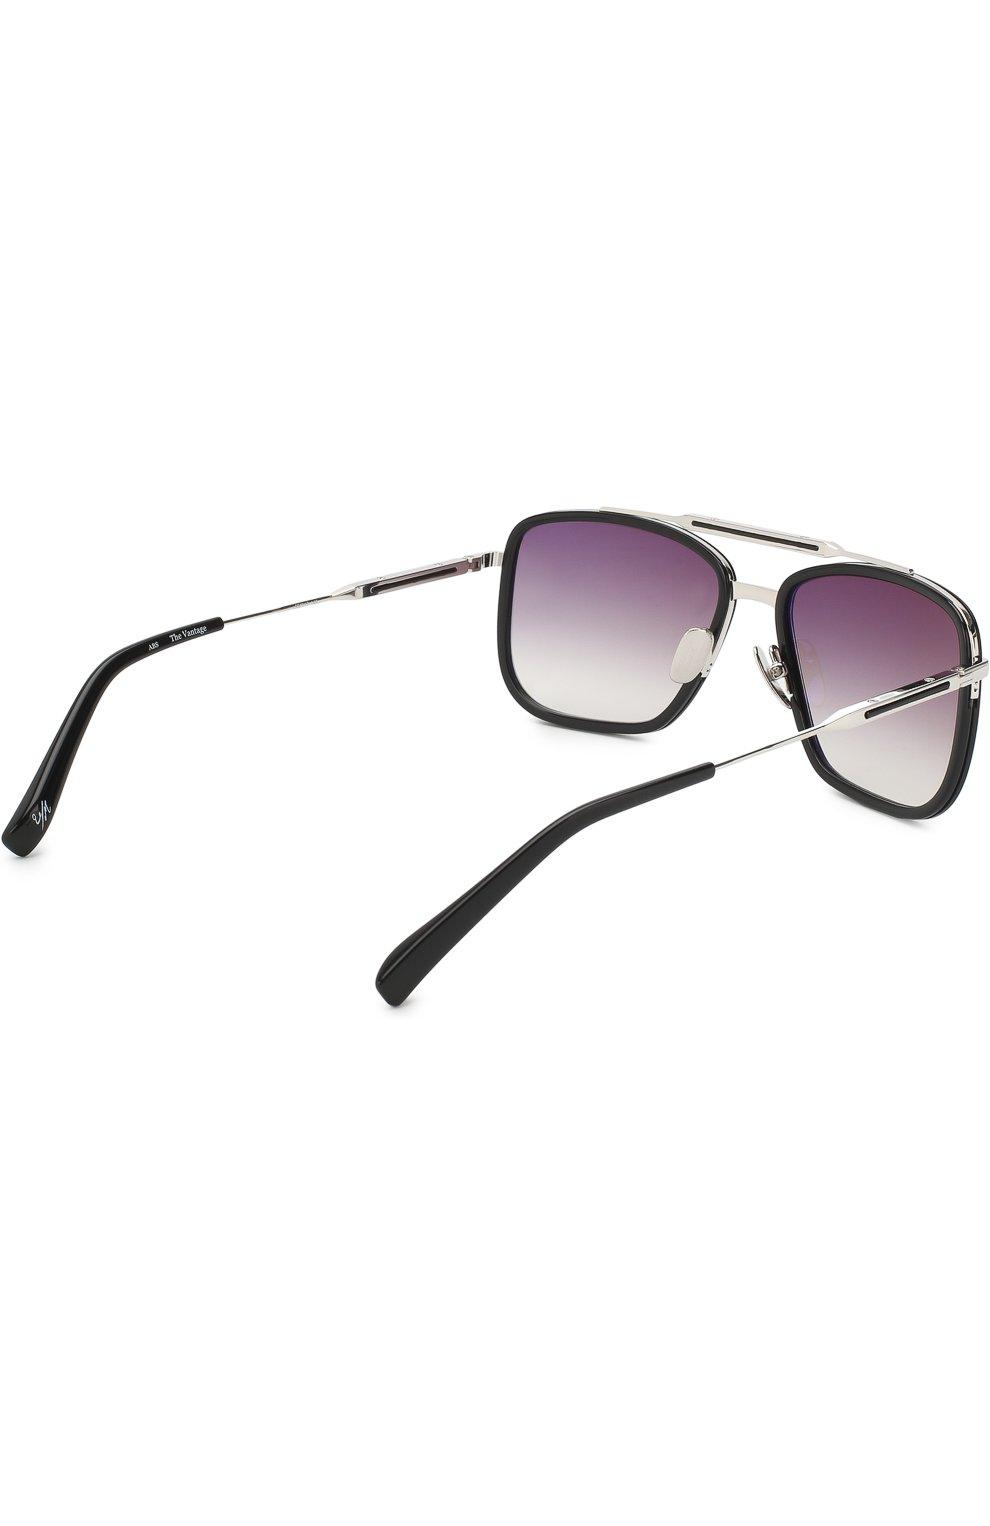 Мужские солнцезащитные очки FRENCY&MERCURY черного цвета, арт. THE VANTAGE/ABS SUN | Фото 3 (Тип очков: С/з; Очки форма: Прямоугольные; Оптика Гендер: оптика-мужское)